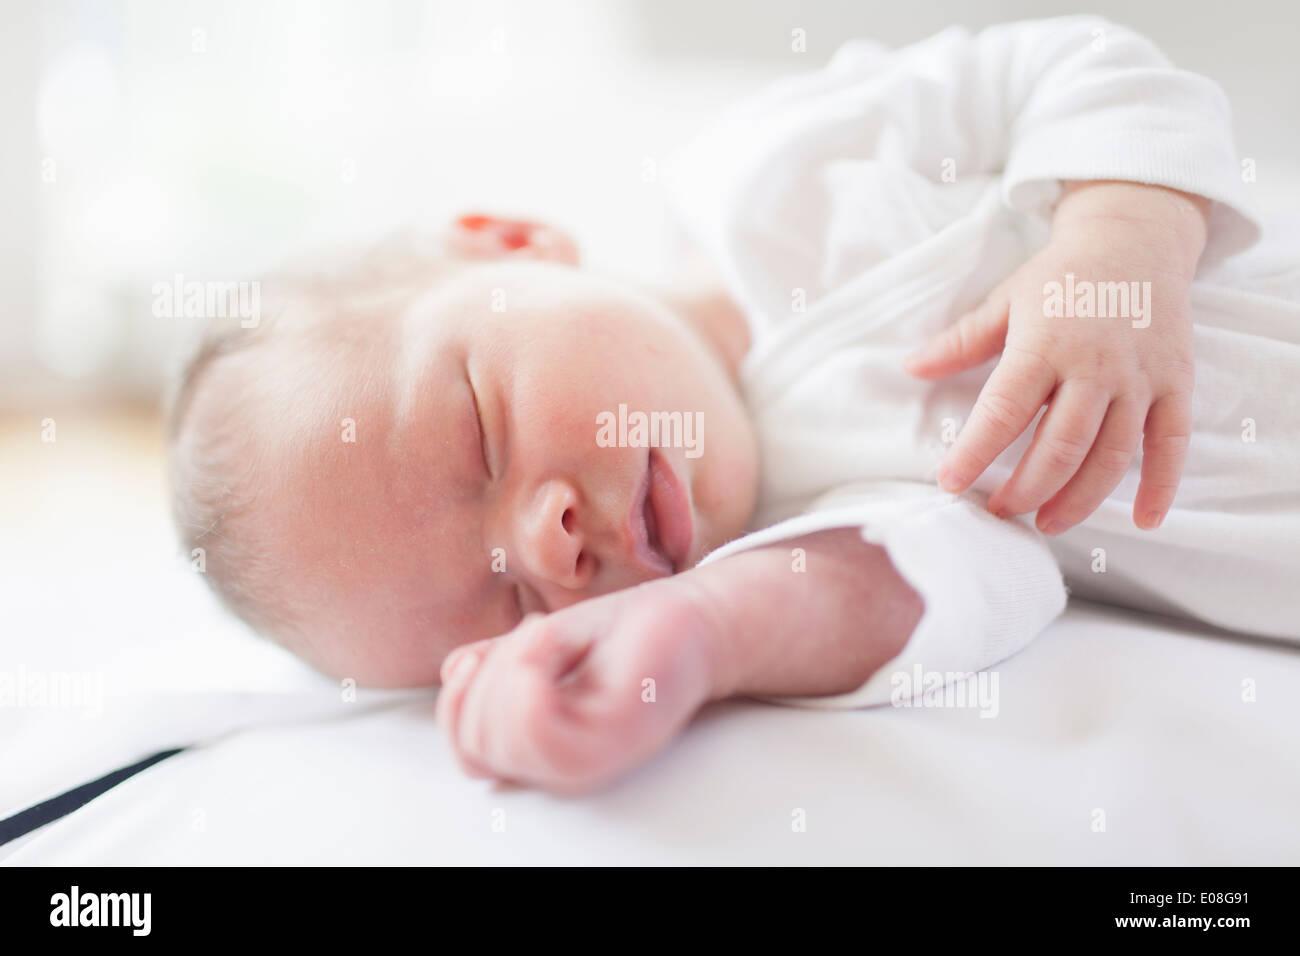 Neugeborenes Baby friedlich schlafend Stockbild